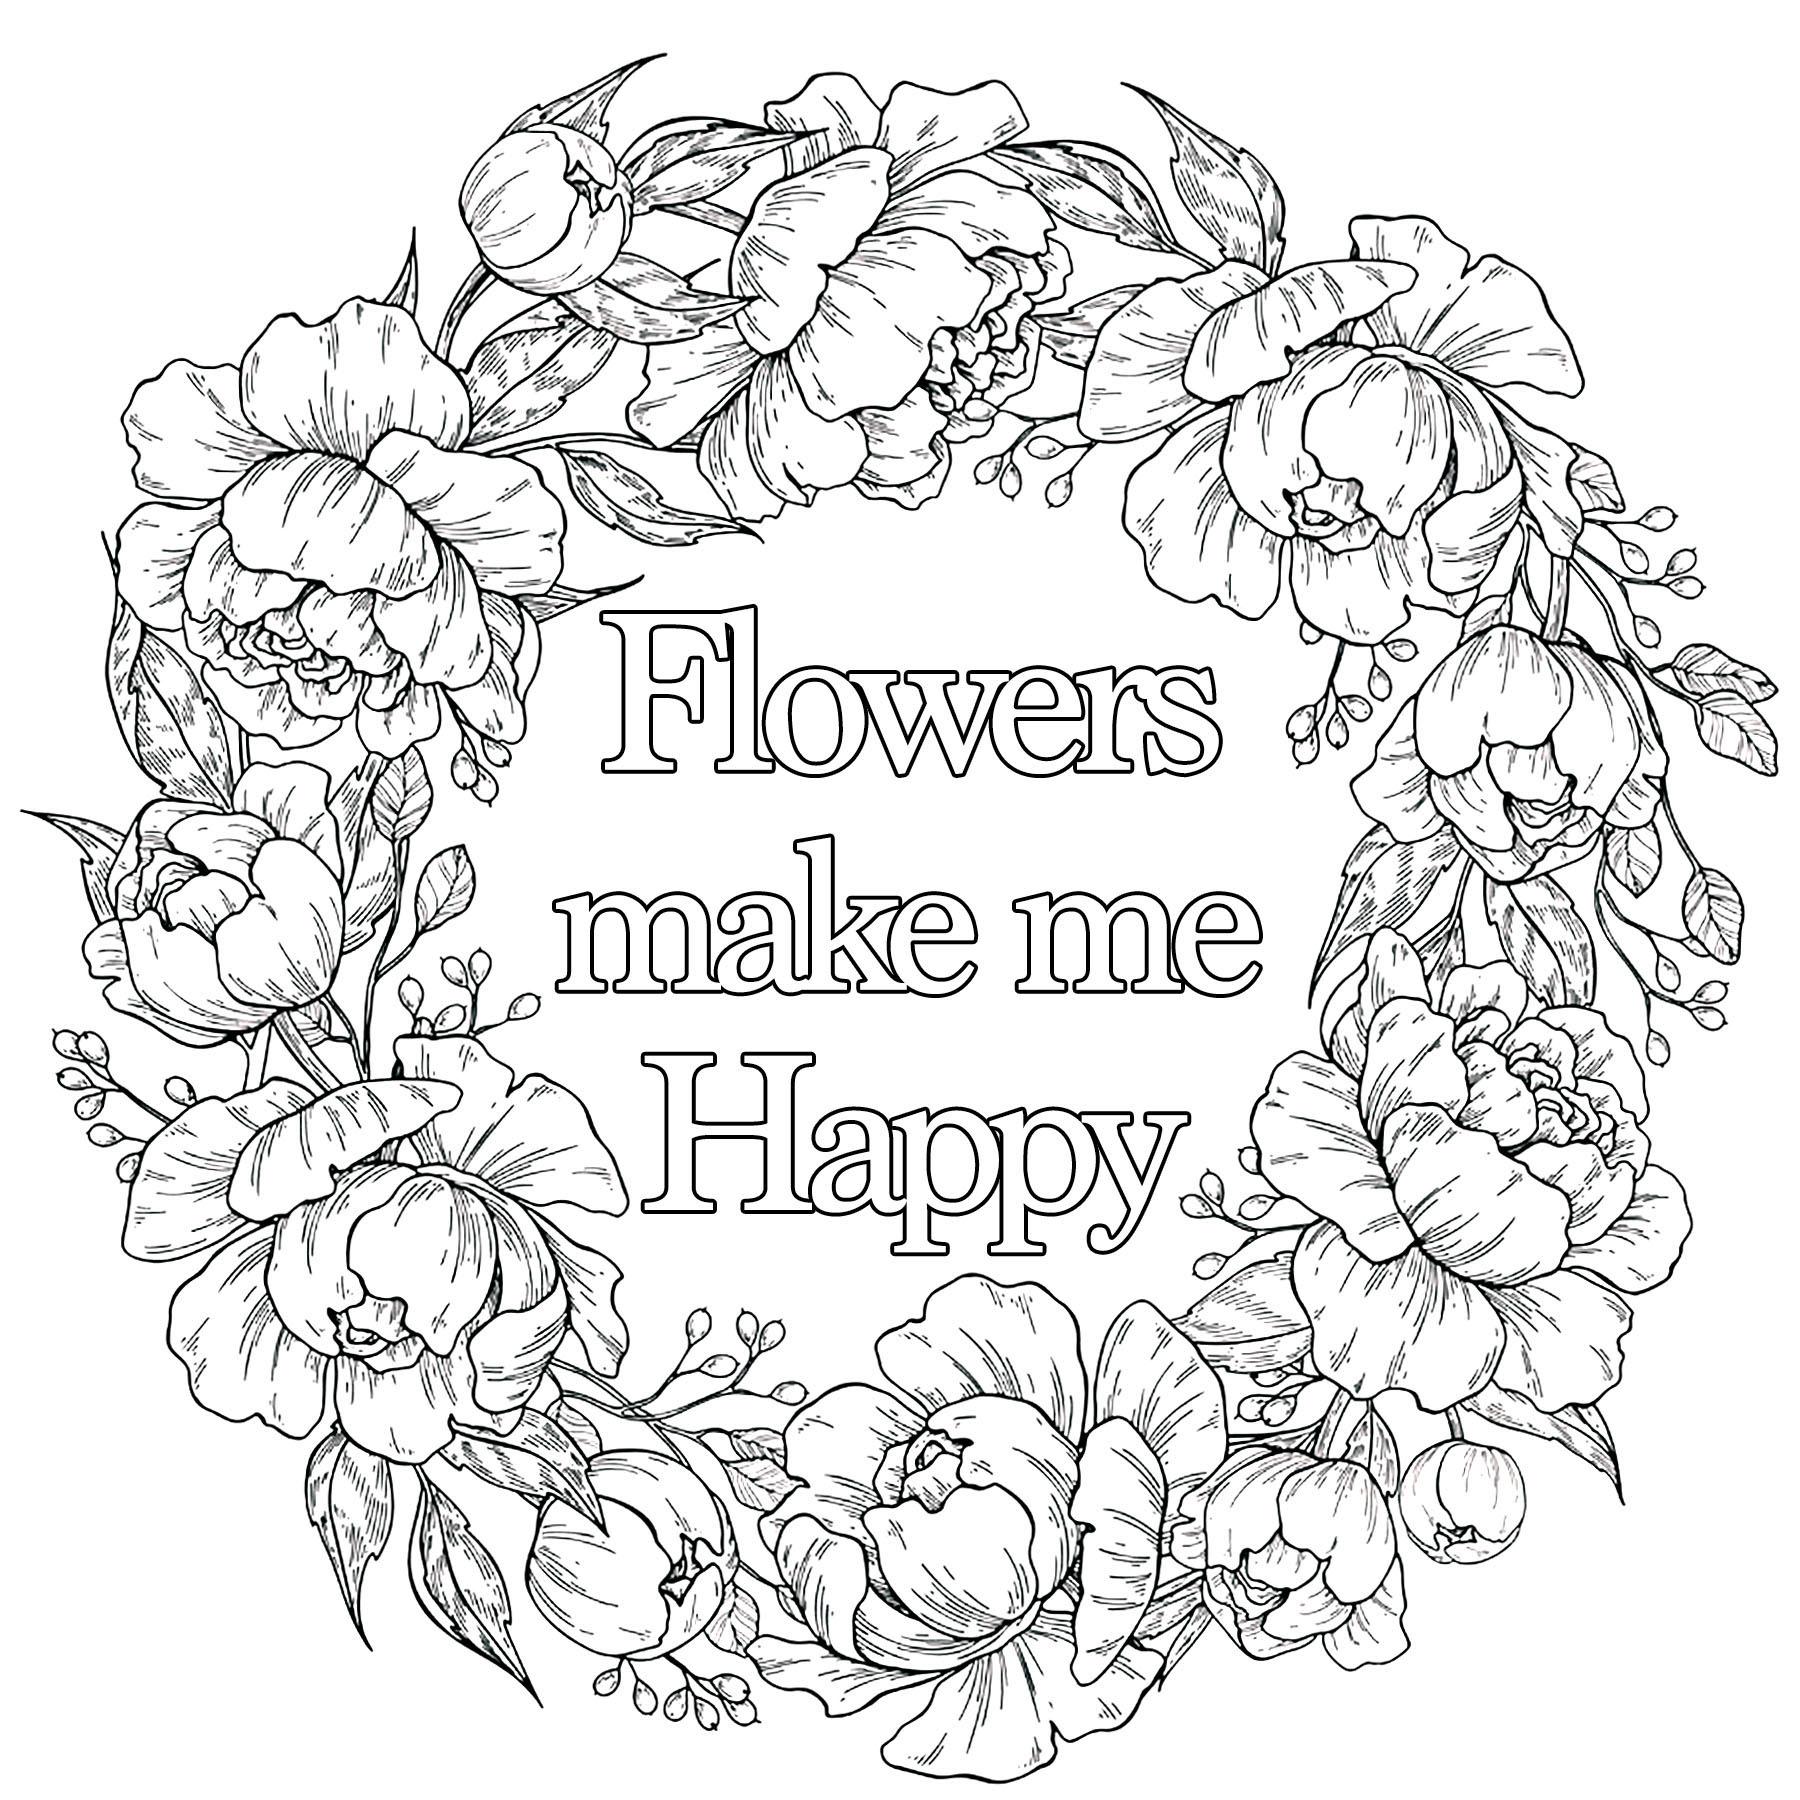 Flowers make me happy (Les fleurs me rendent heureux/heureuse)